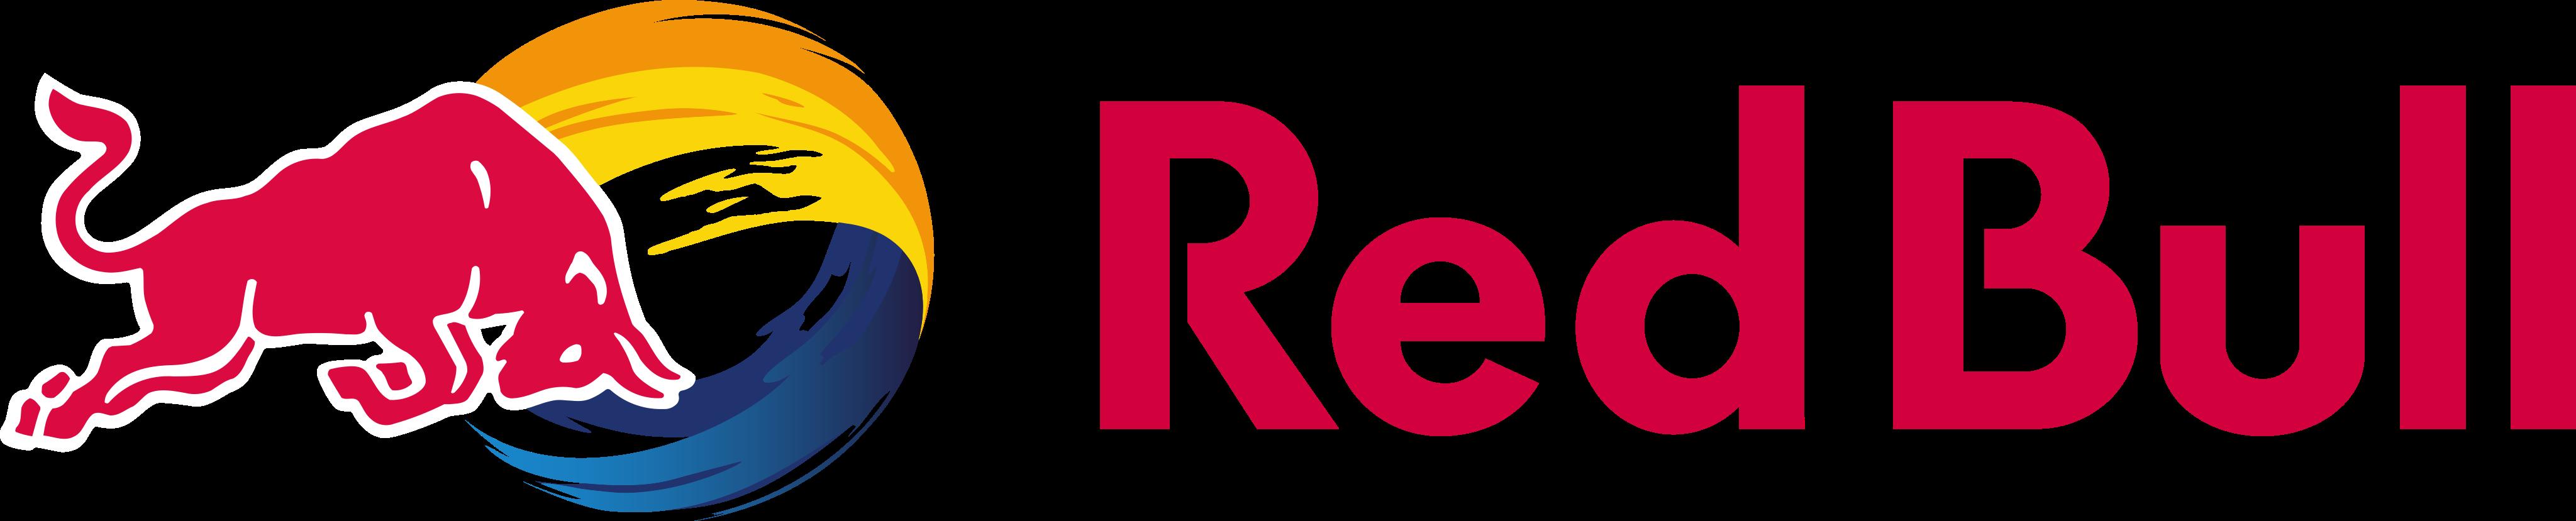 red bull logo 3 - Red Bull Logo